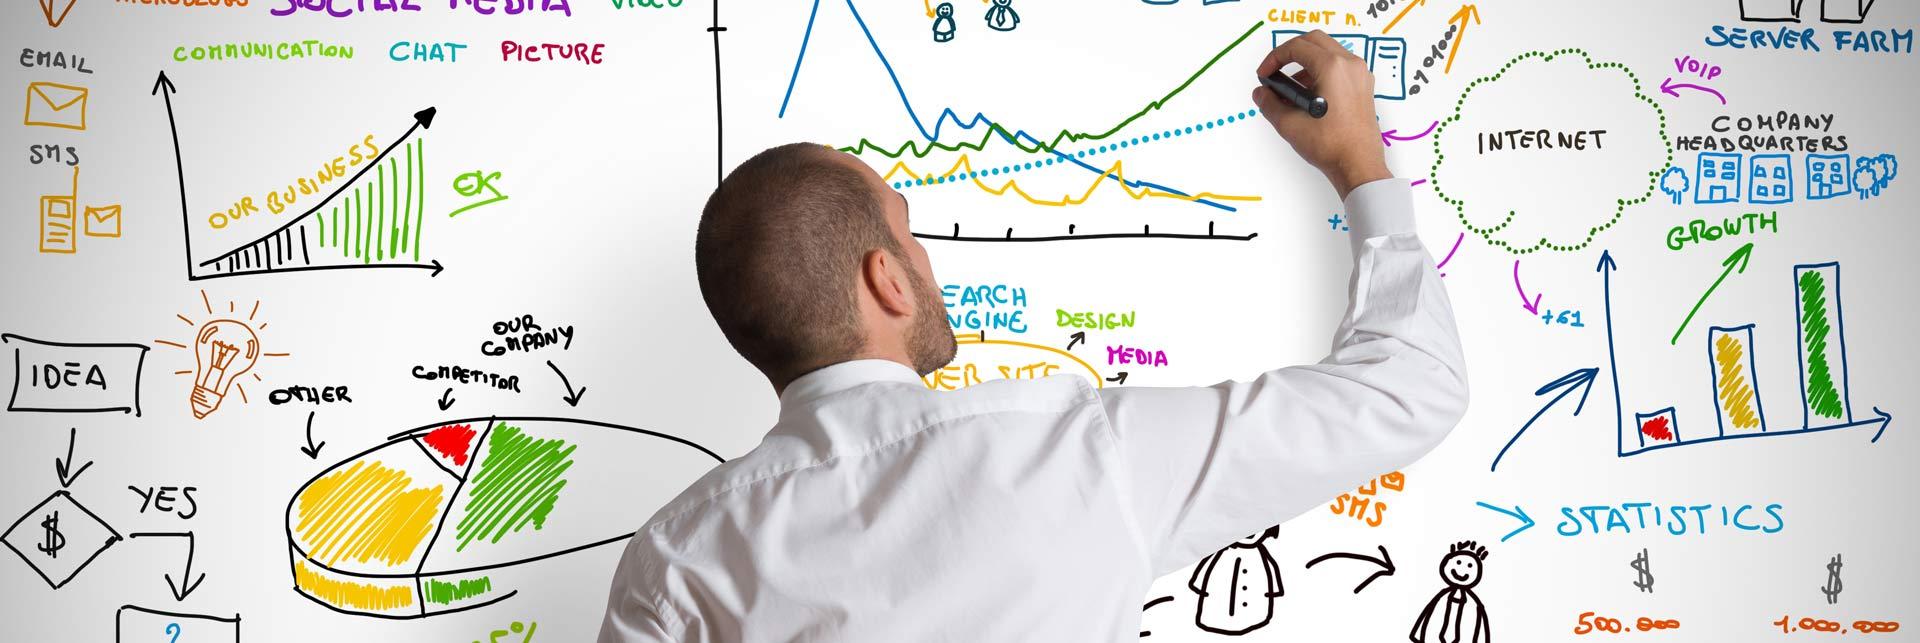 """Quem trabalha com comunicação corporativa certamente já ouviu de executivos, numa reunião ou conversa, a malfadada expressão """"gasto com comunicação"""". Nesse momento, é fundamental respirar fundo e emendar, sem deixar bola cair: """"não é gasto, é investimento""""."""